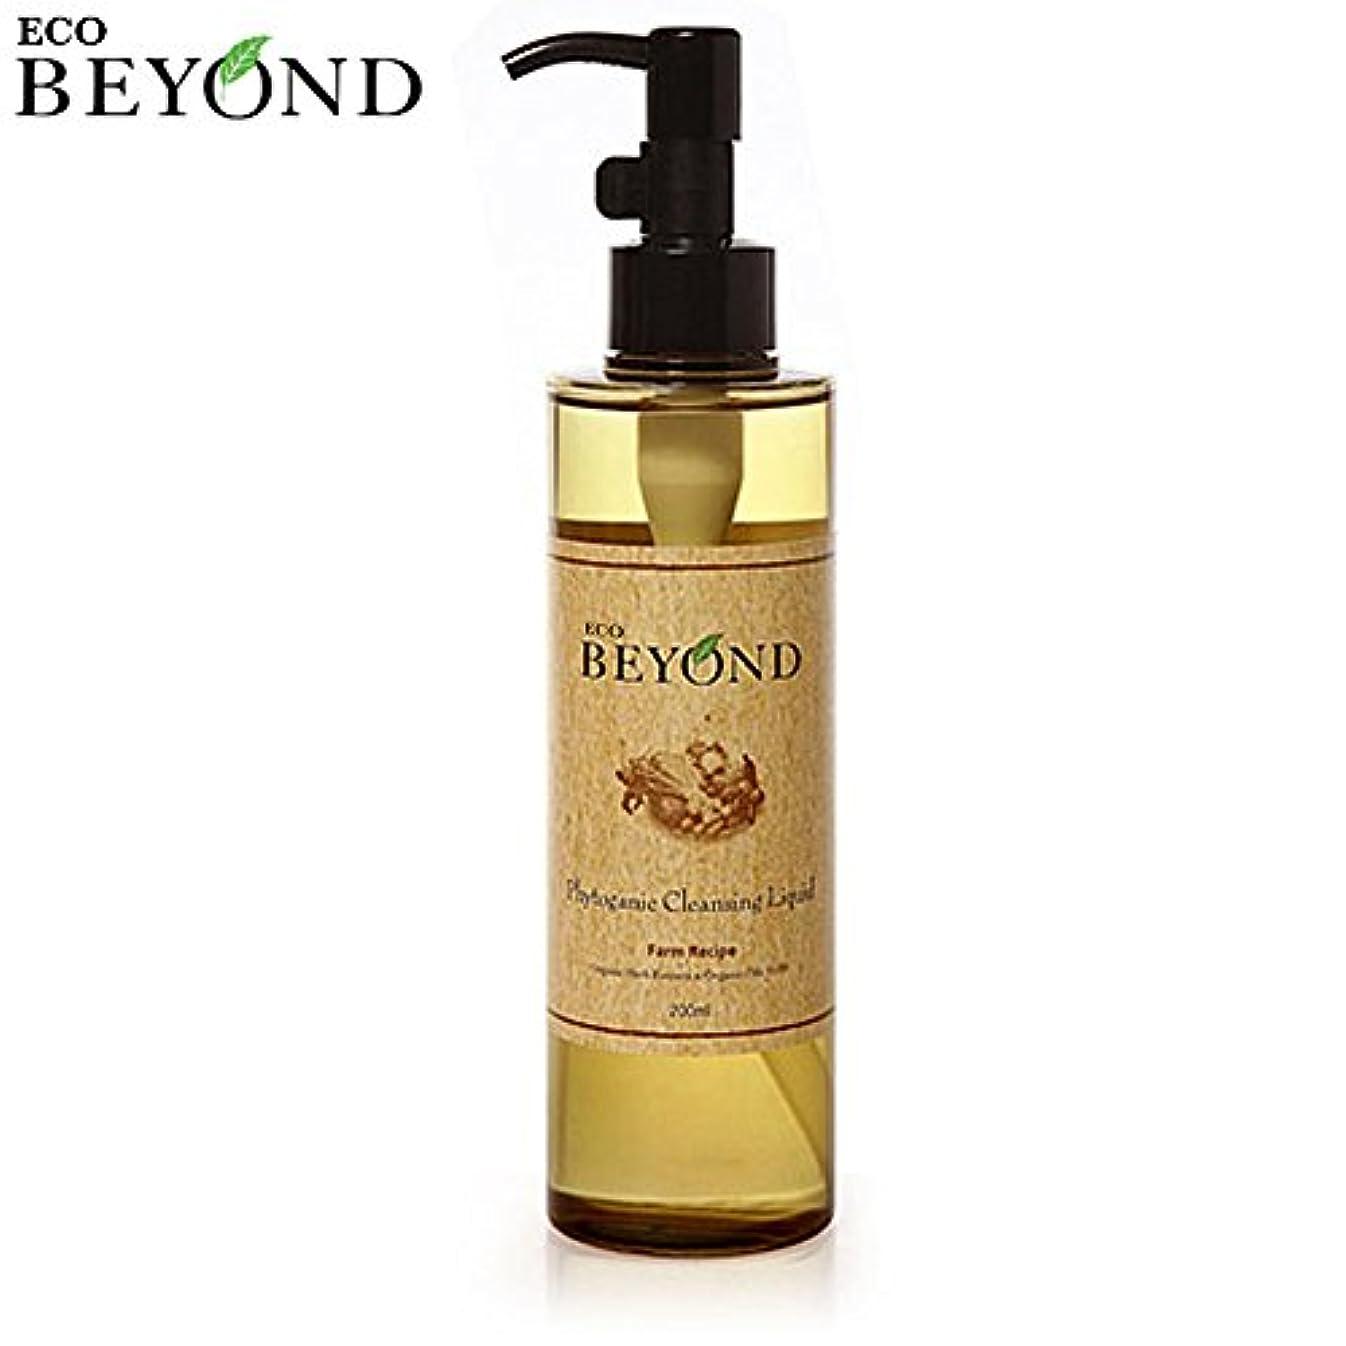 権威同化表示[ビヨンド] BEYOND [フィトガニック クレンジング リキッド 200ml] Phytoganic Cleansing Liquid 200ml [海外直送品]